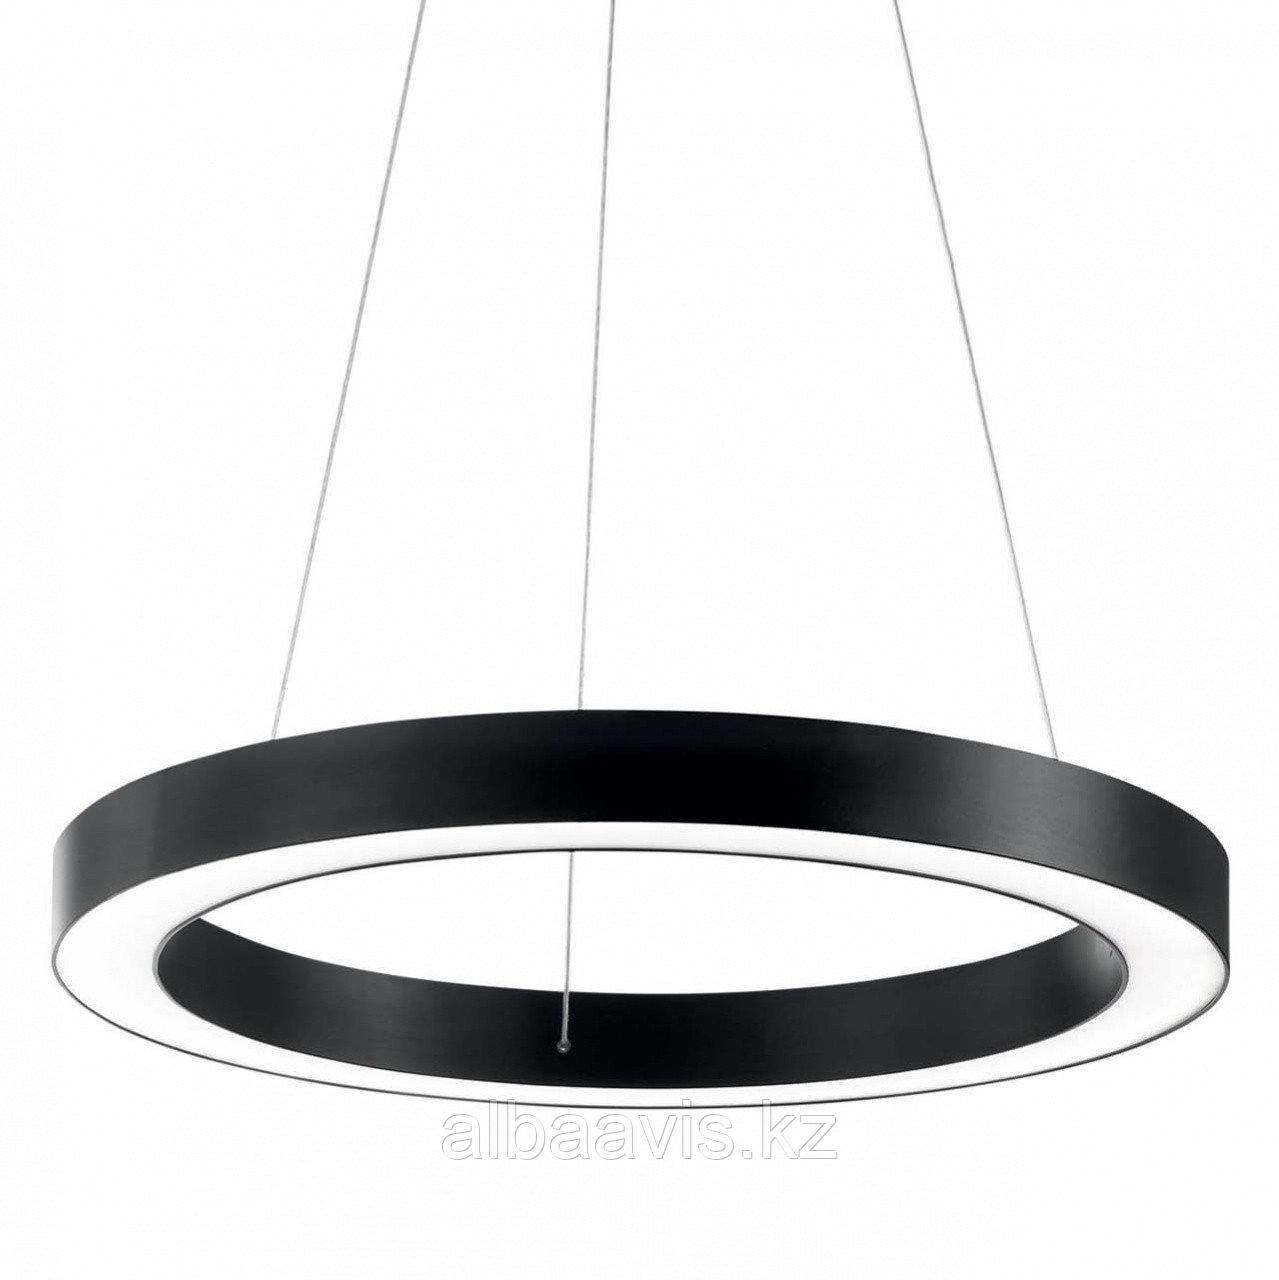 Светильники подвесные в стиле хай-тек 80х70х8 см, витражные люстры, люстры в стиле хай-тек, люстра